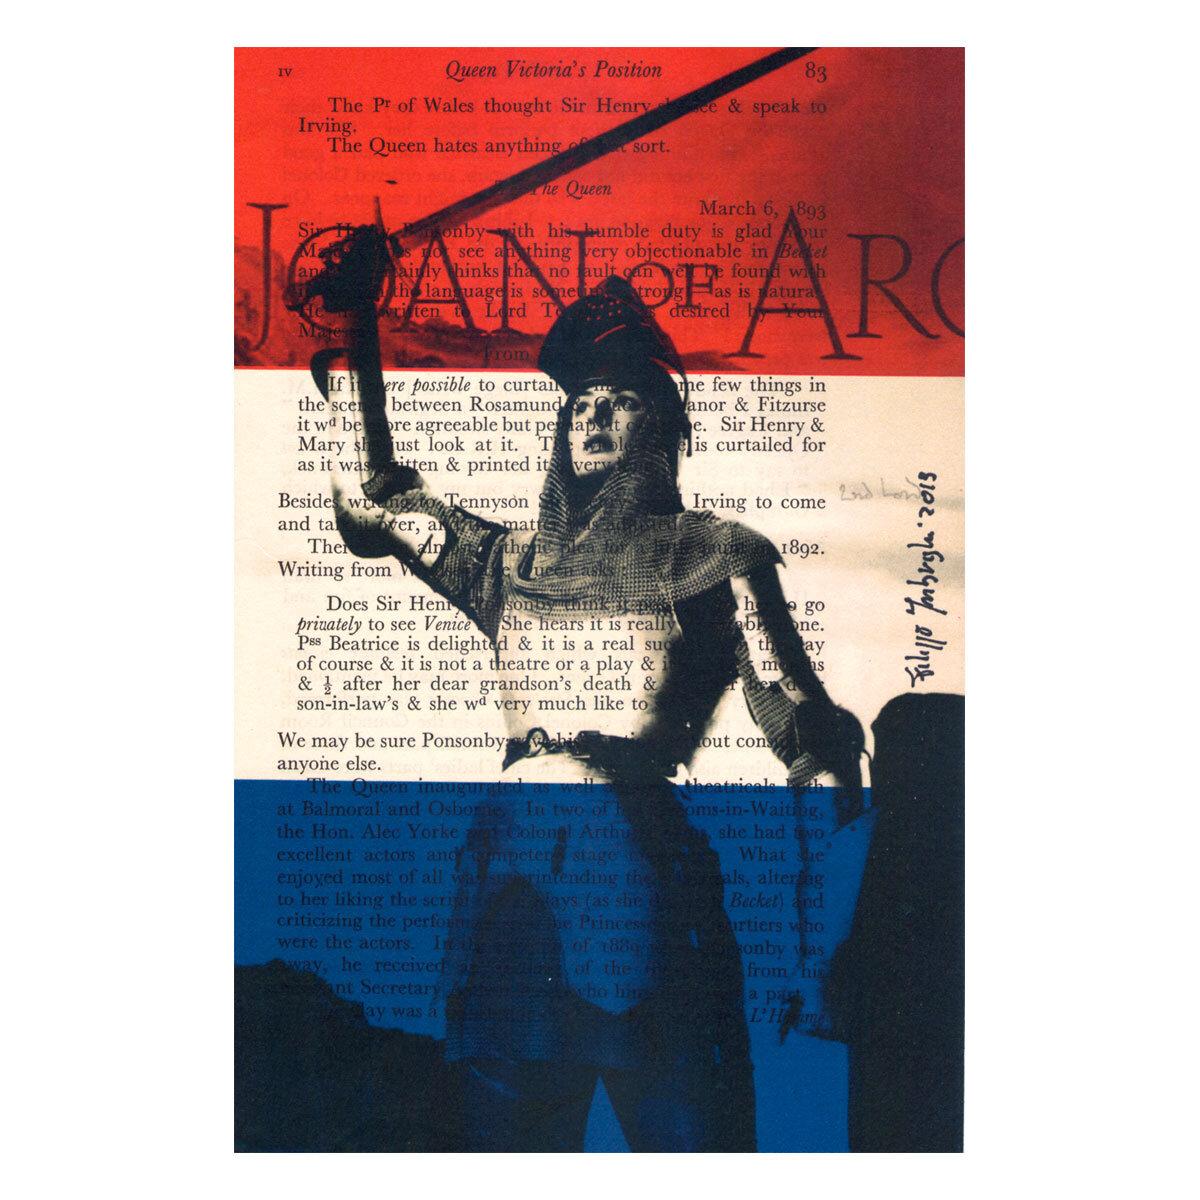 Joan of Arc Ingrid Bergman vintage movie poster #2